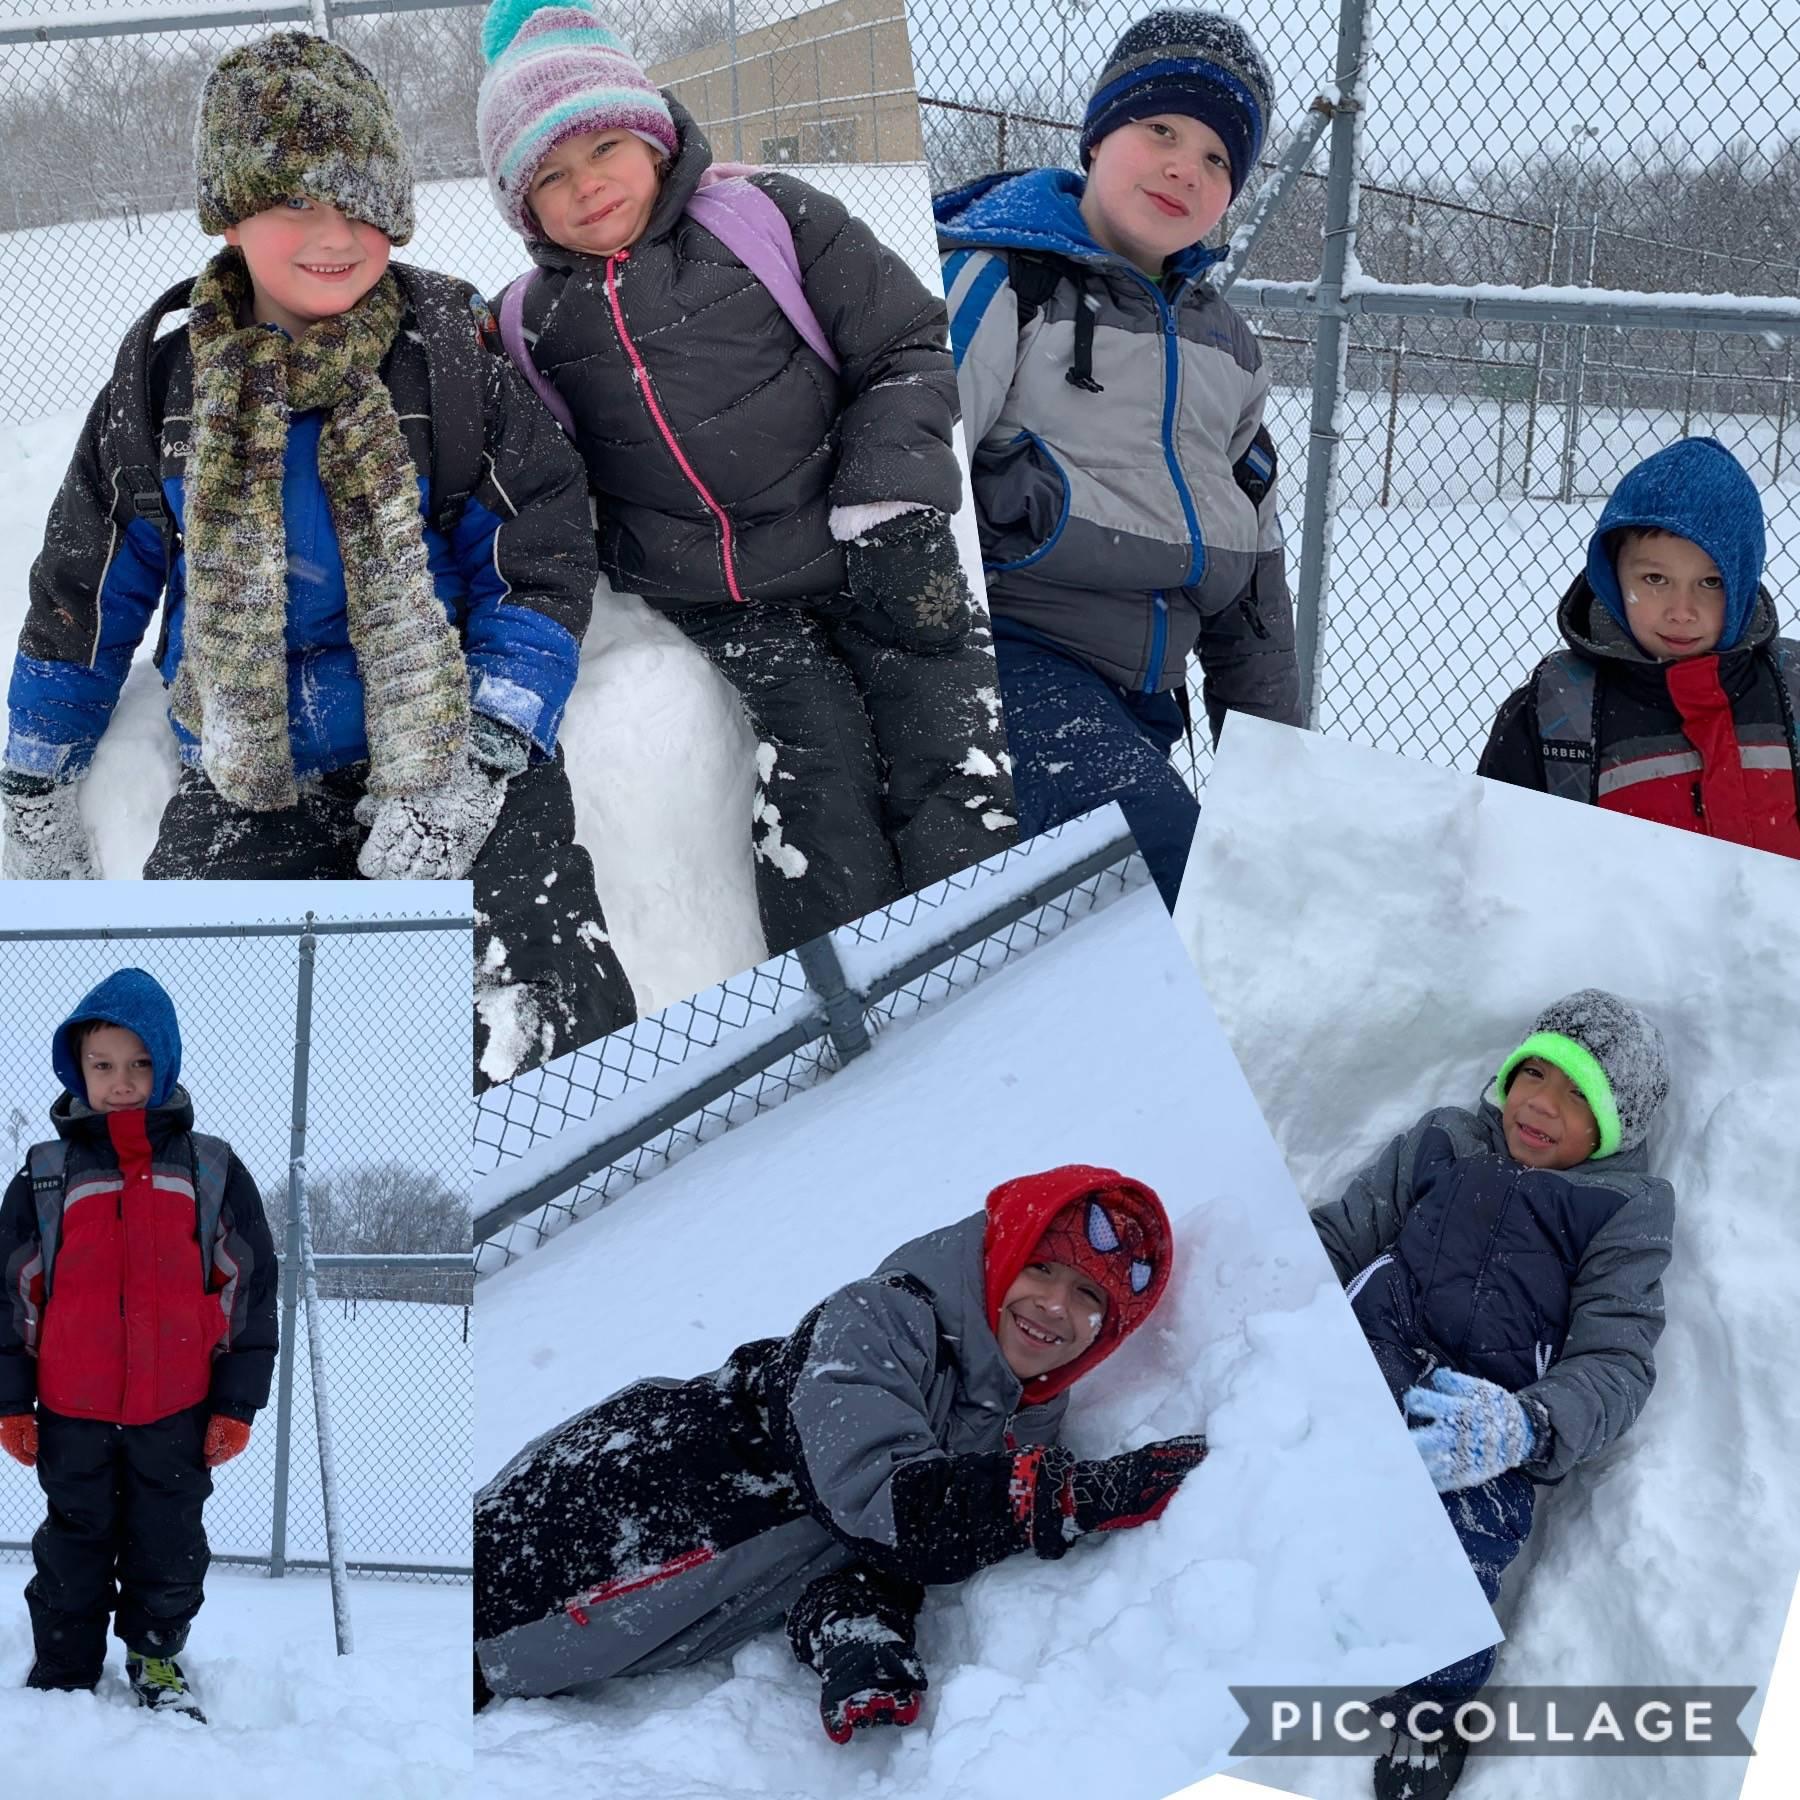 Winter snow at recess